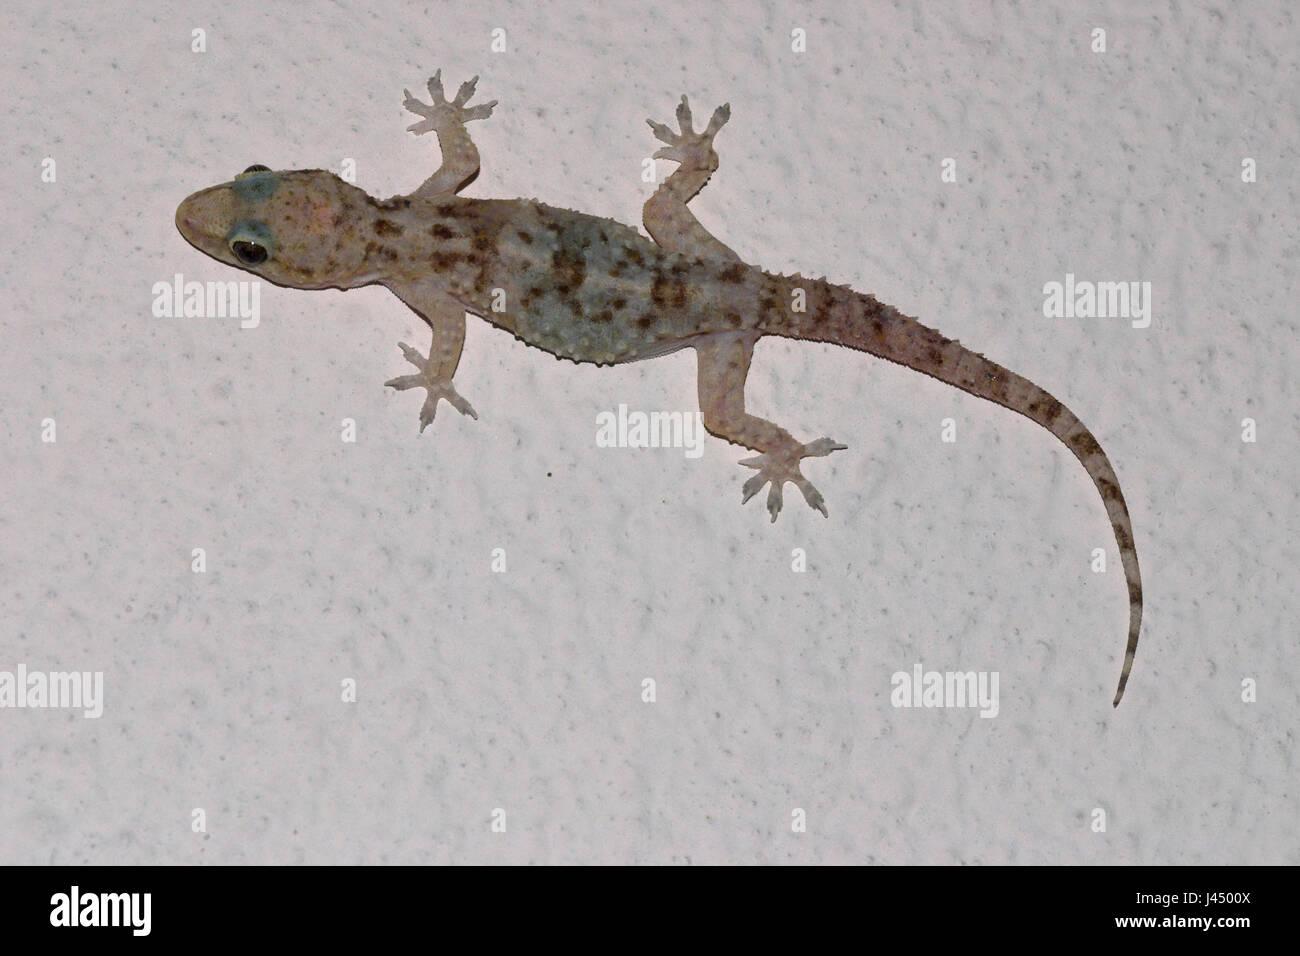 wall lizard gecko stock photos & wall lizard gecko stock images